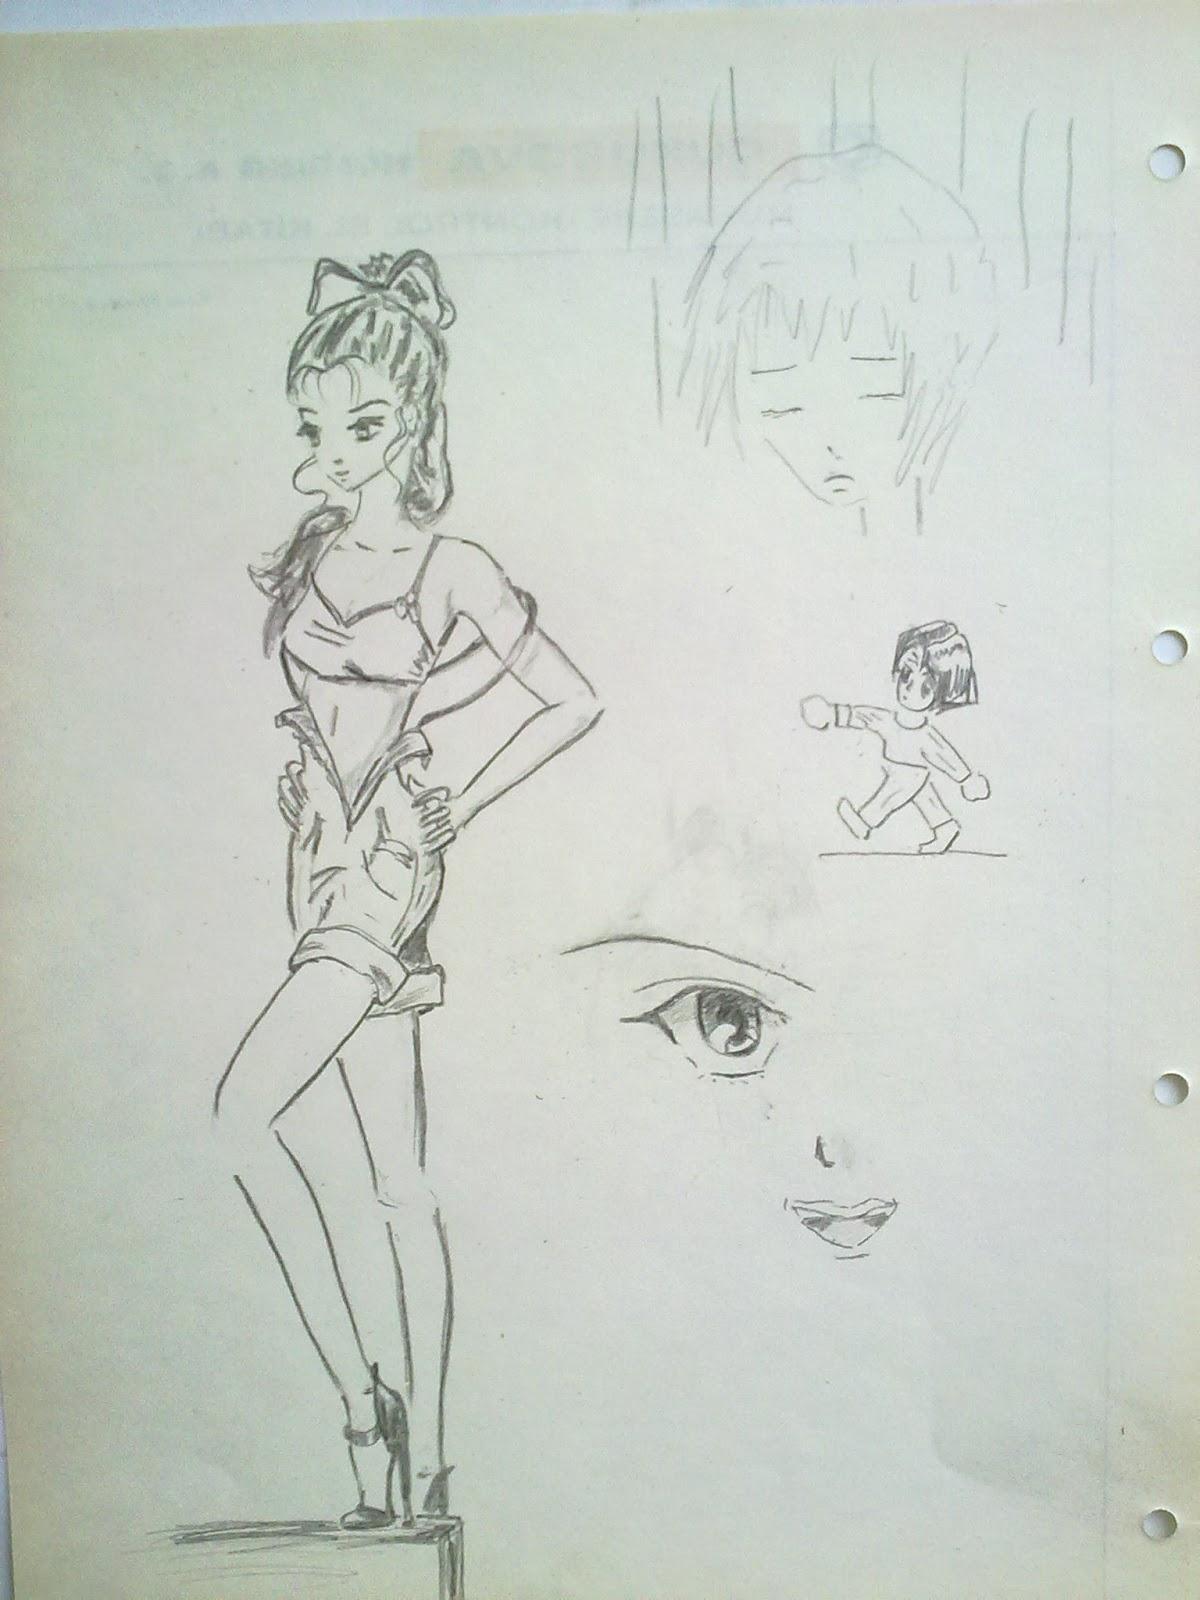 -http://3.bp.blogspot.com/-lvGXcwg4xXk/TzPD-dqYO6I/AAAAAAAAAKk/TXgOkxAwxK8/s1600/3.resim.jpg